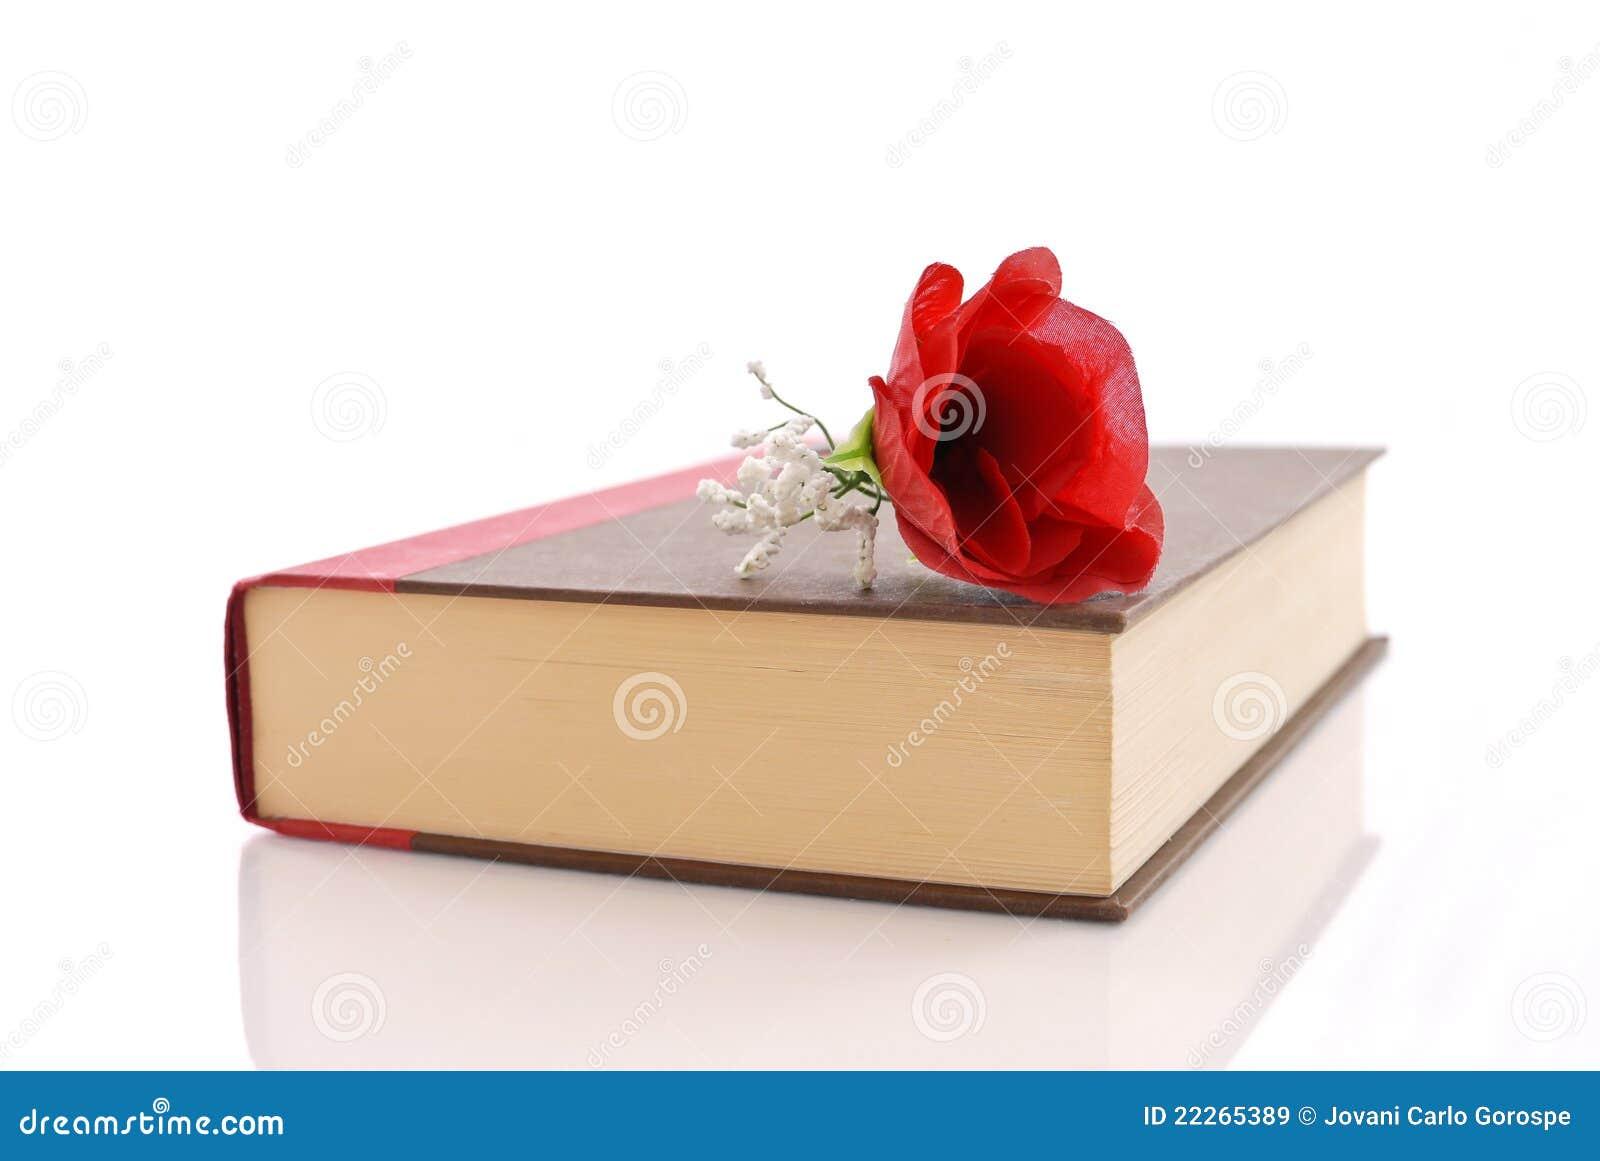 Livre romantique images libres de droits image 22265389 for Auteur romantique